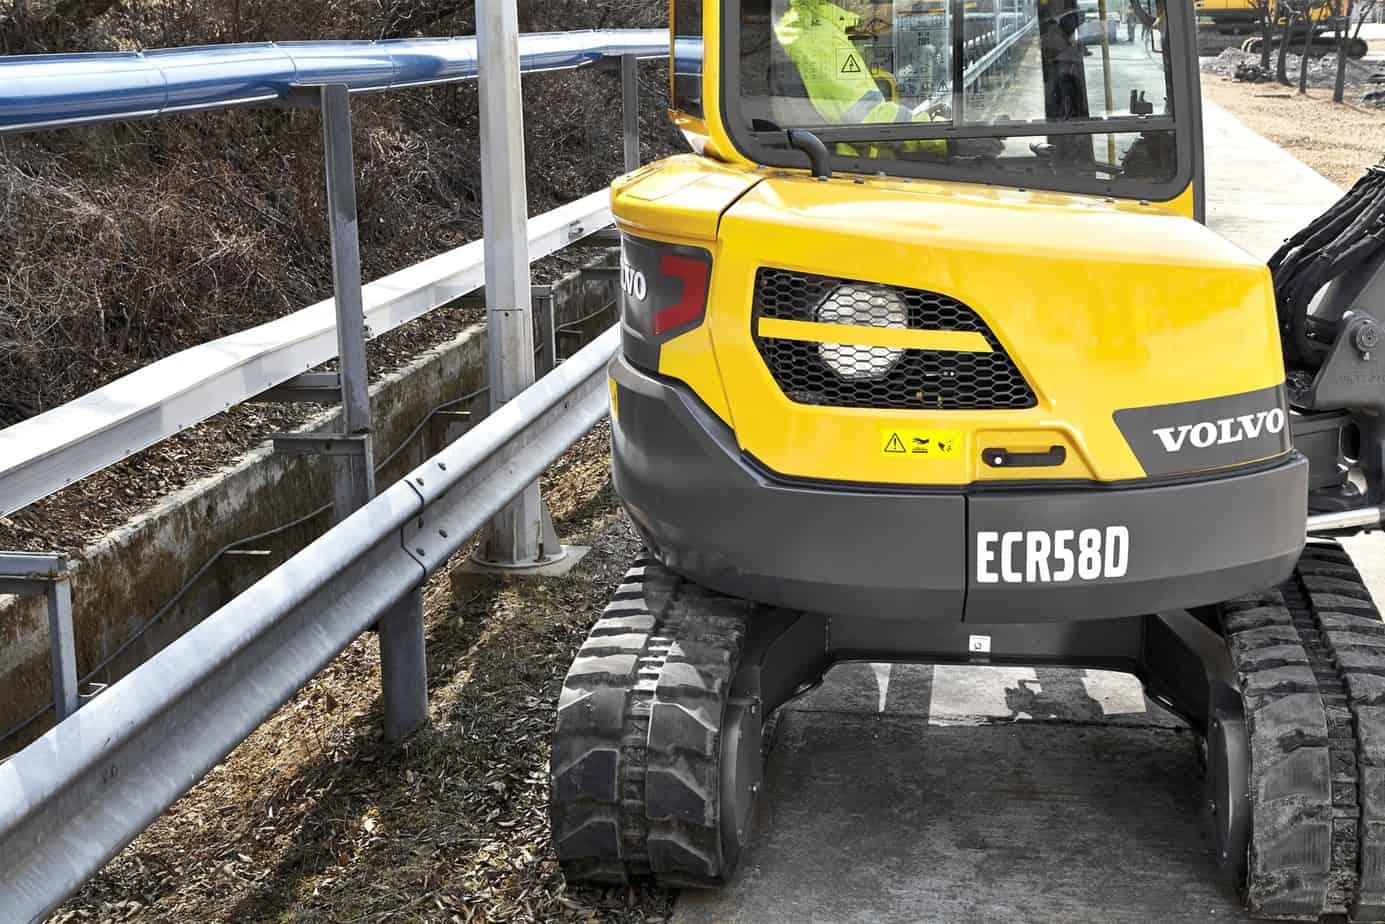 L'escavatore ECR58D consente l'accesso a un maggiore numero di cantieri potendo lavorare in sicurezza più vicino agli ostacoli, che si tratti di costruzioni stradali, interventi di servizio pubblico, riassetto paesaggistico o qualsiasi altra applicazione. Grazie al pesante contrappeso e al robusto sottocarro, la macchina garantisce una stabilità superiore